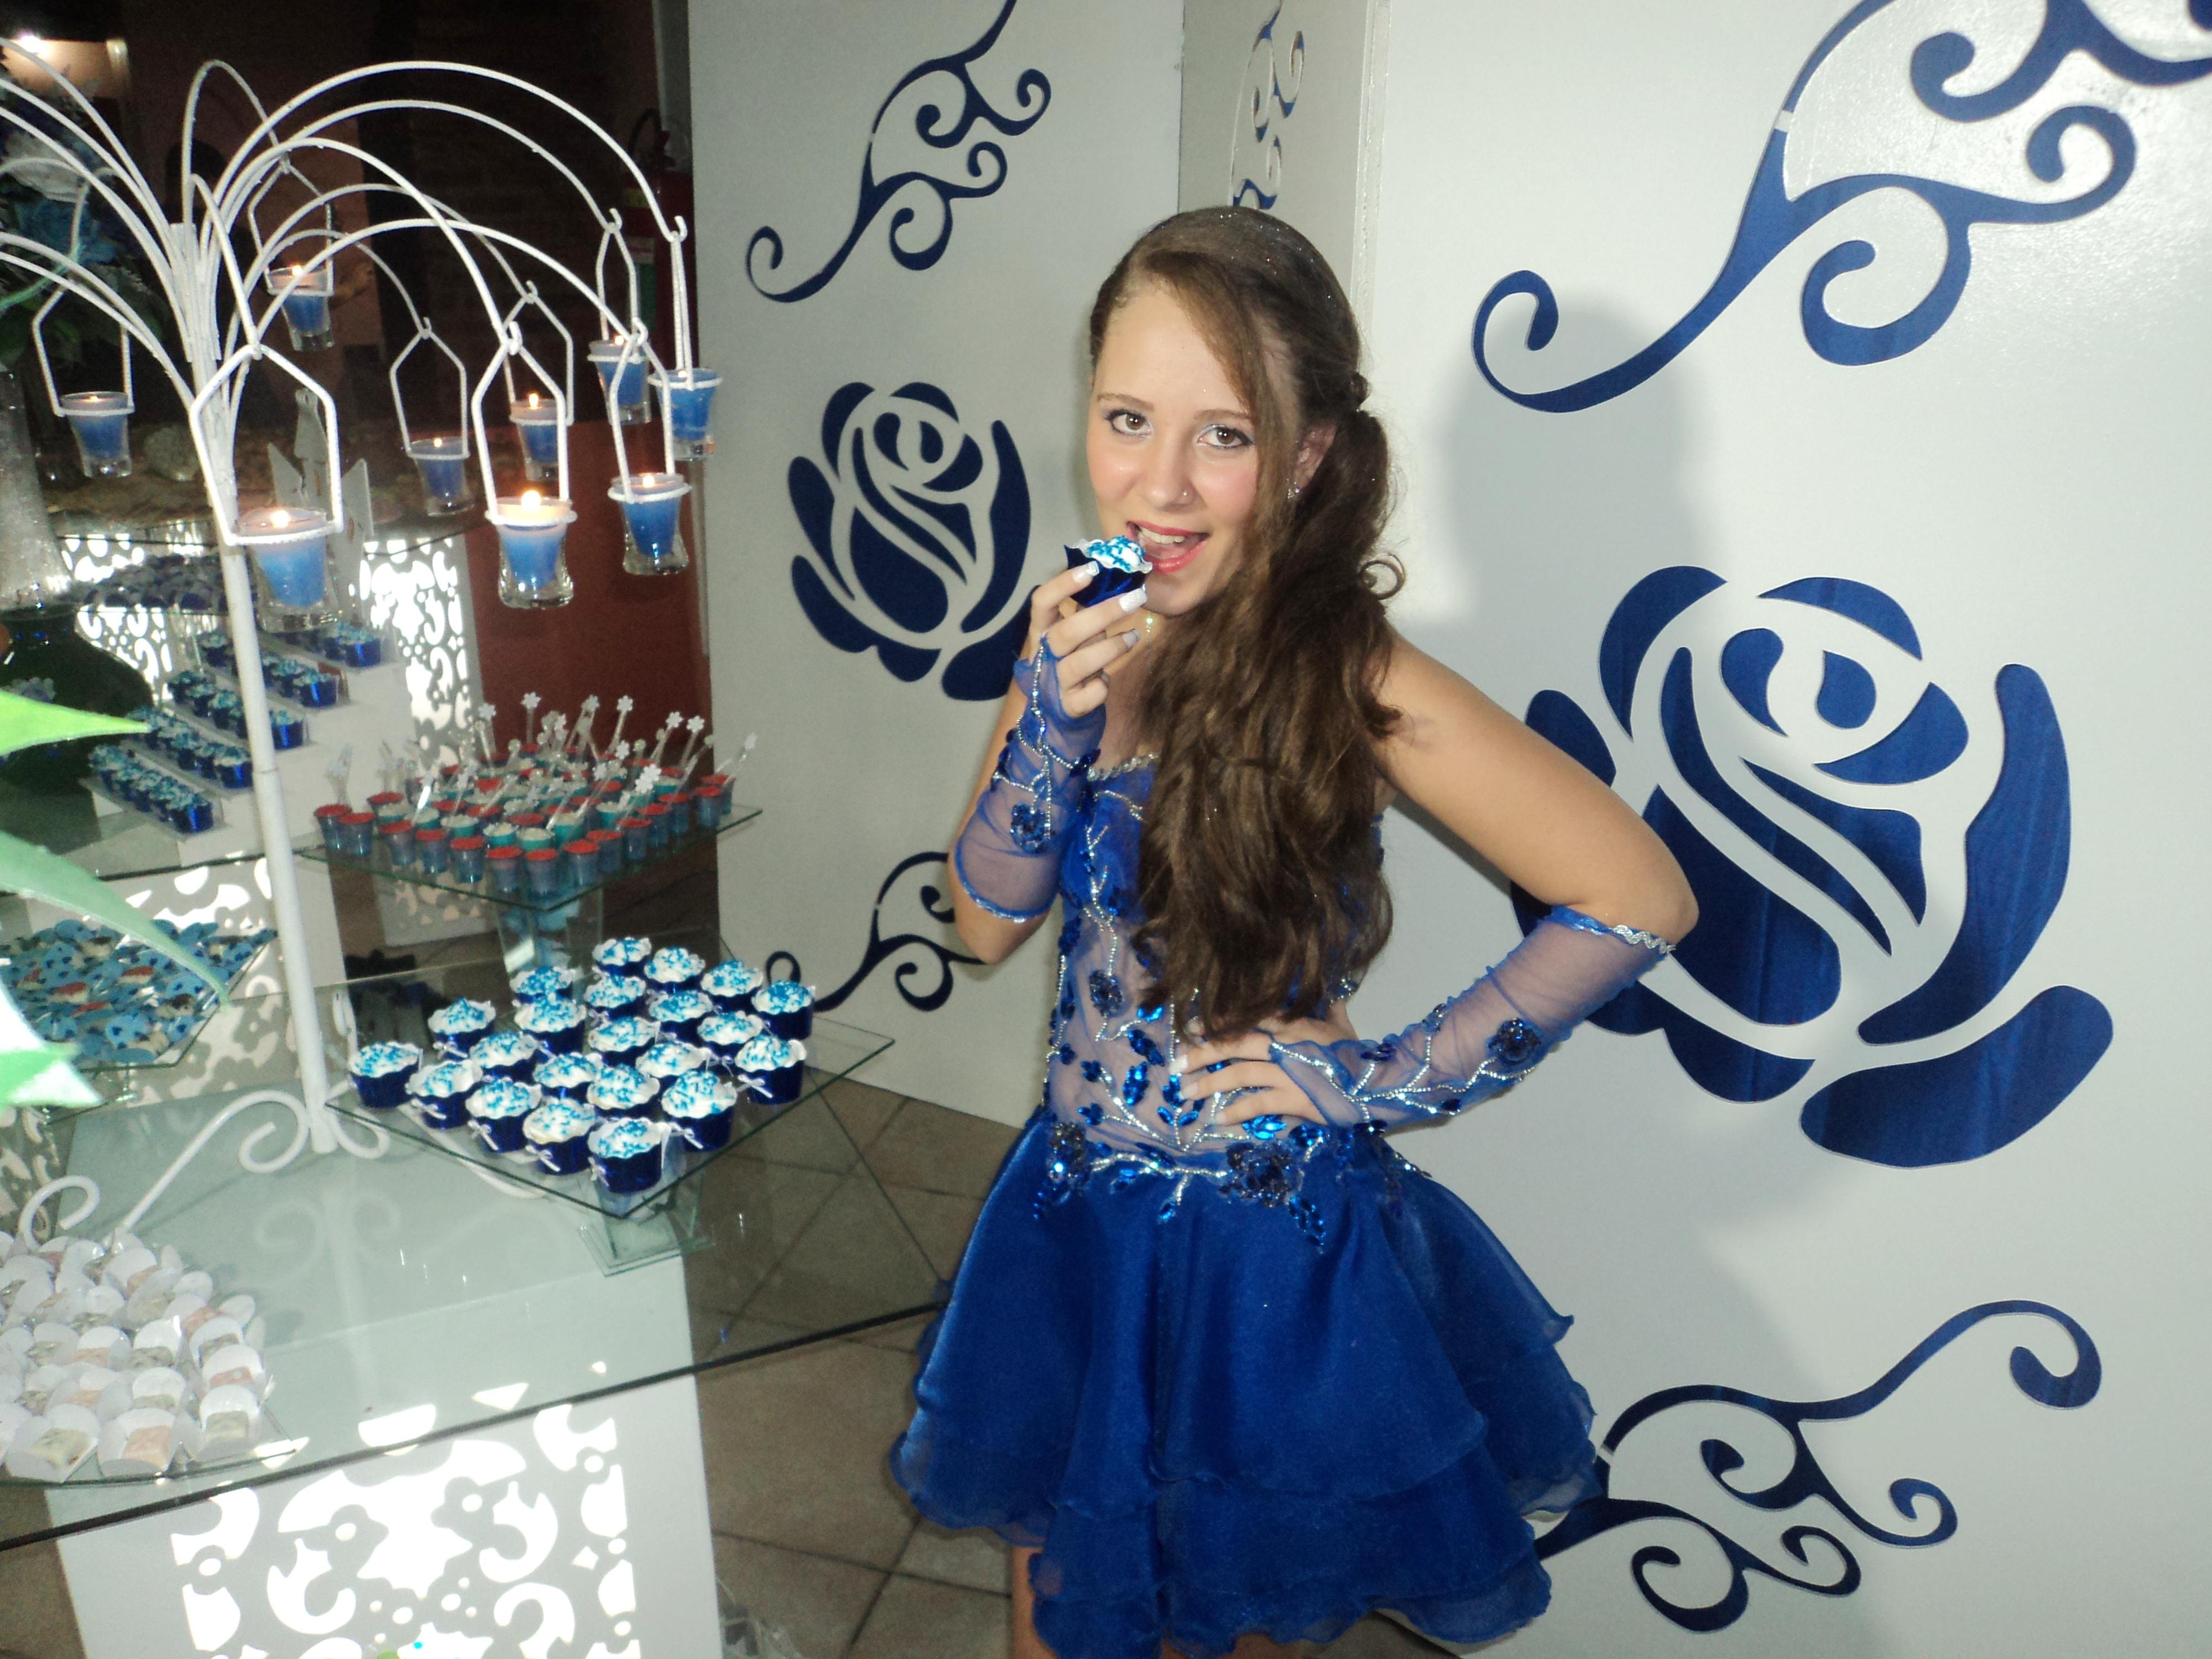 Foto da linda debutante Mariane. Foto especial para  nosso site.